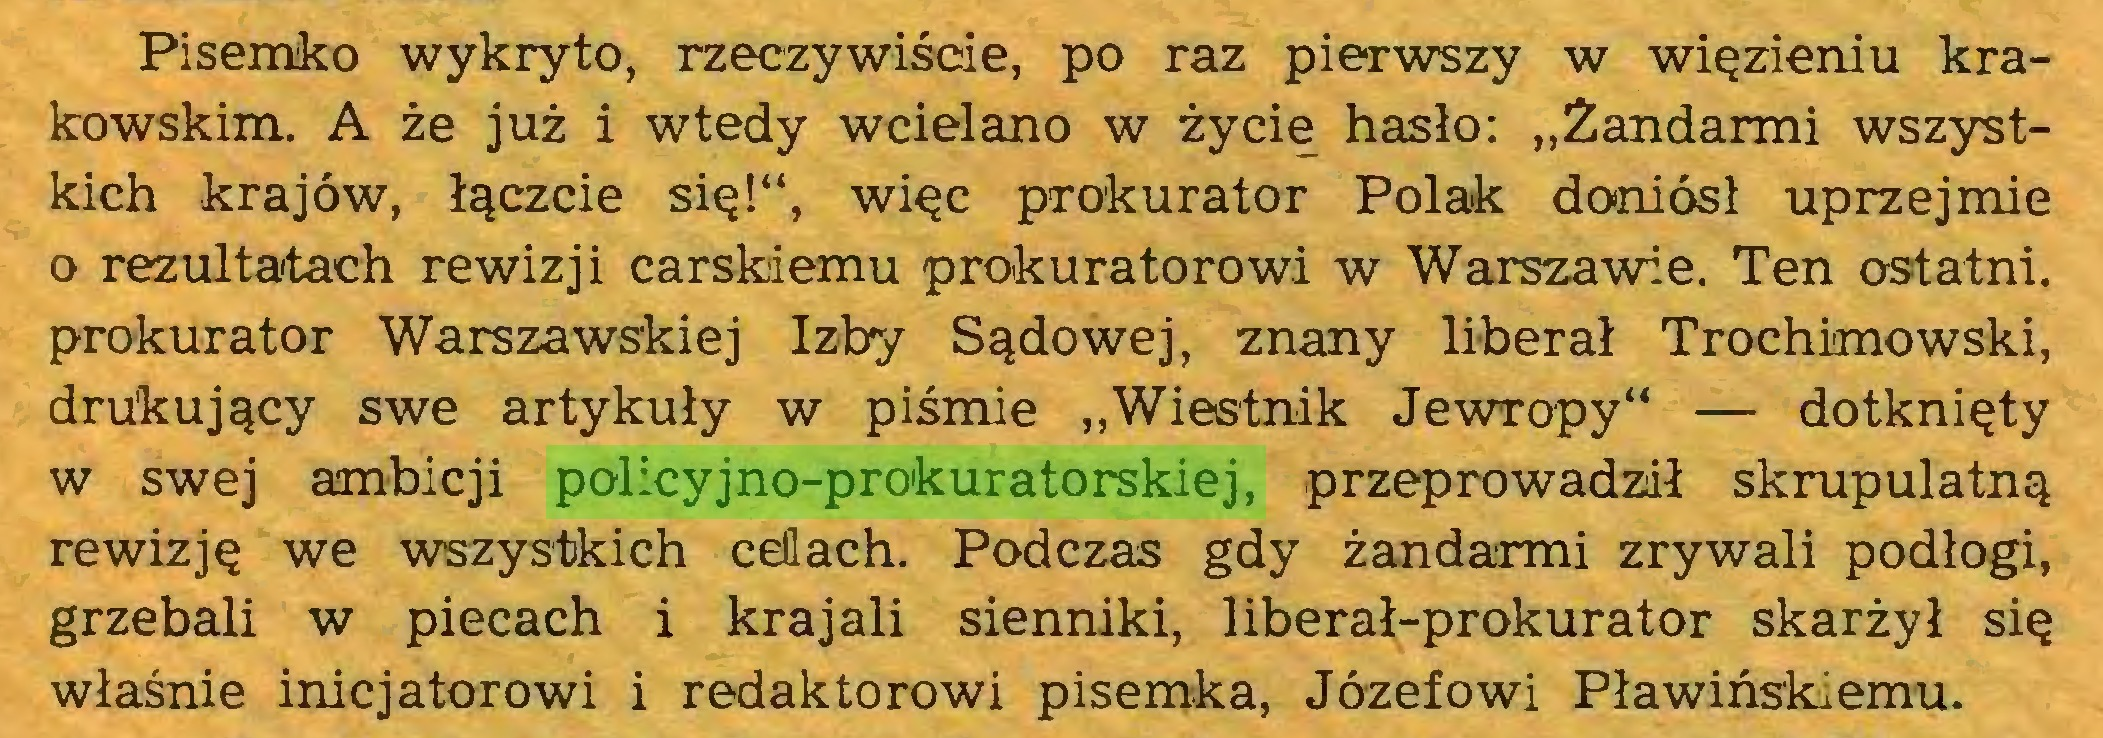 """(...) Pisemko wykryto, rzeczywiście, po raz pierwszy w więzieniu krakowskim. A że już i wtedy wcielano w życie hasło: """"Żandarmi wszystkich krajów, łączcie się!"""", więc prokurator Polak doniósł uprzejmie o rezultatach rewizji carskiemu prokuratorowi w Warszawie. Ten ostatni, prokurator Warszawskiej Izby Sądowej, znany liberał Trochimowski, drukujący swe artykuły w piśmie """"Wiestnik Jewropy"""" — dotknięty w swej ambicji policyjno-prokuratorskiej, przeprowadził skrupulatną rewizję we wszystkich celach. Podczas gdy żandarmi zrywali podłogi, grzebali w piecach i krajali sienniki, liberał-prokurator skarżył się właśnie inicjatorowi i redaktorowi pisemka, Józefowi Pławiński emu..."""